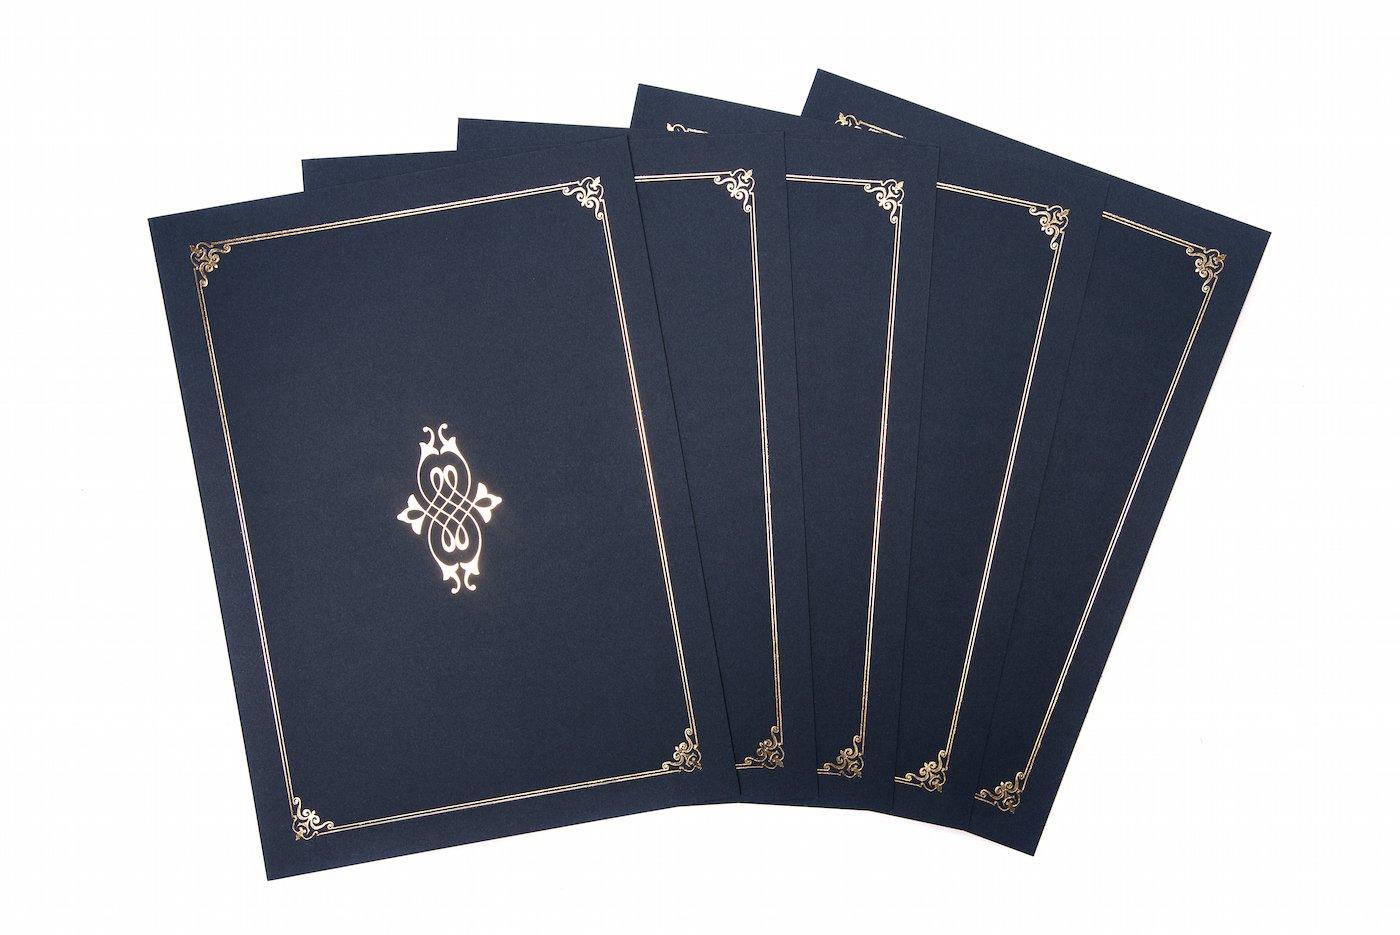 Linen Finish Heavyweight card/certificato cover/confezione da 5 Blue Graduation Attire